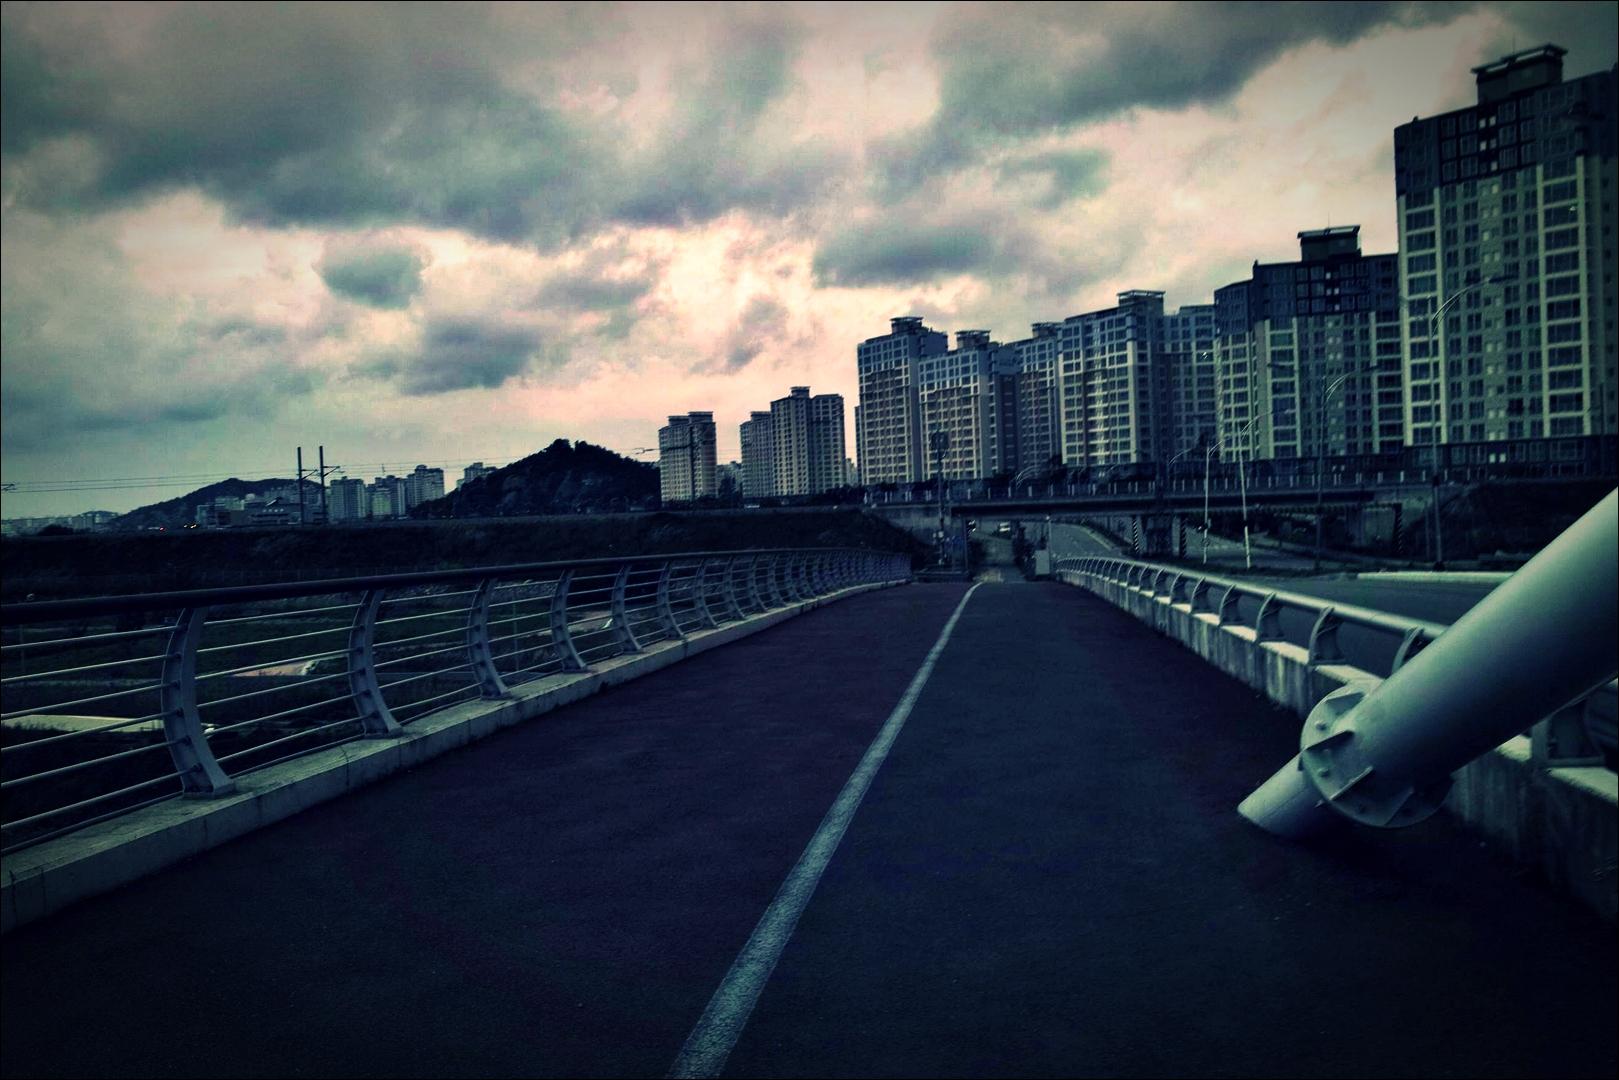 목포-'영산강 자전거 종주 Yeongsan_River_Bike_Riding'